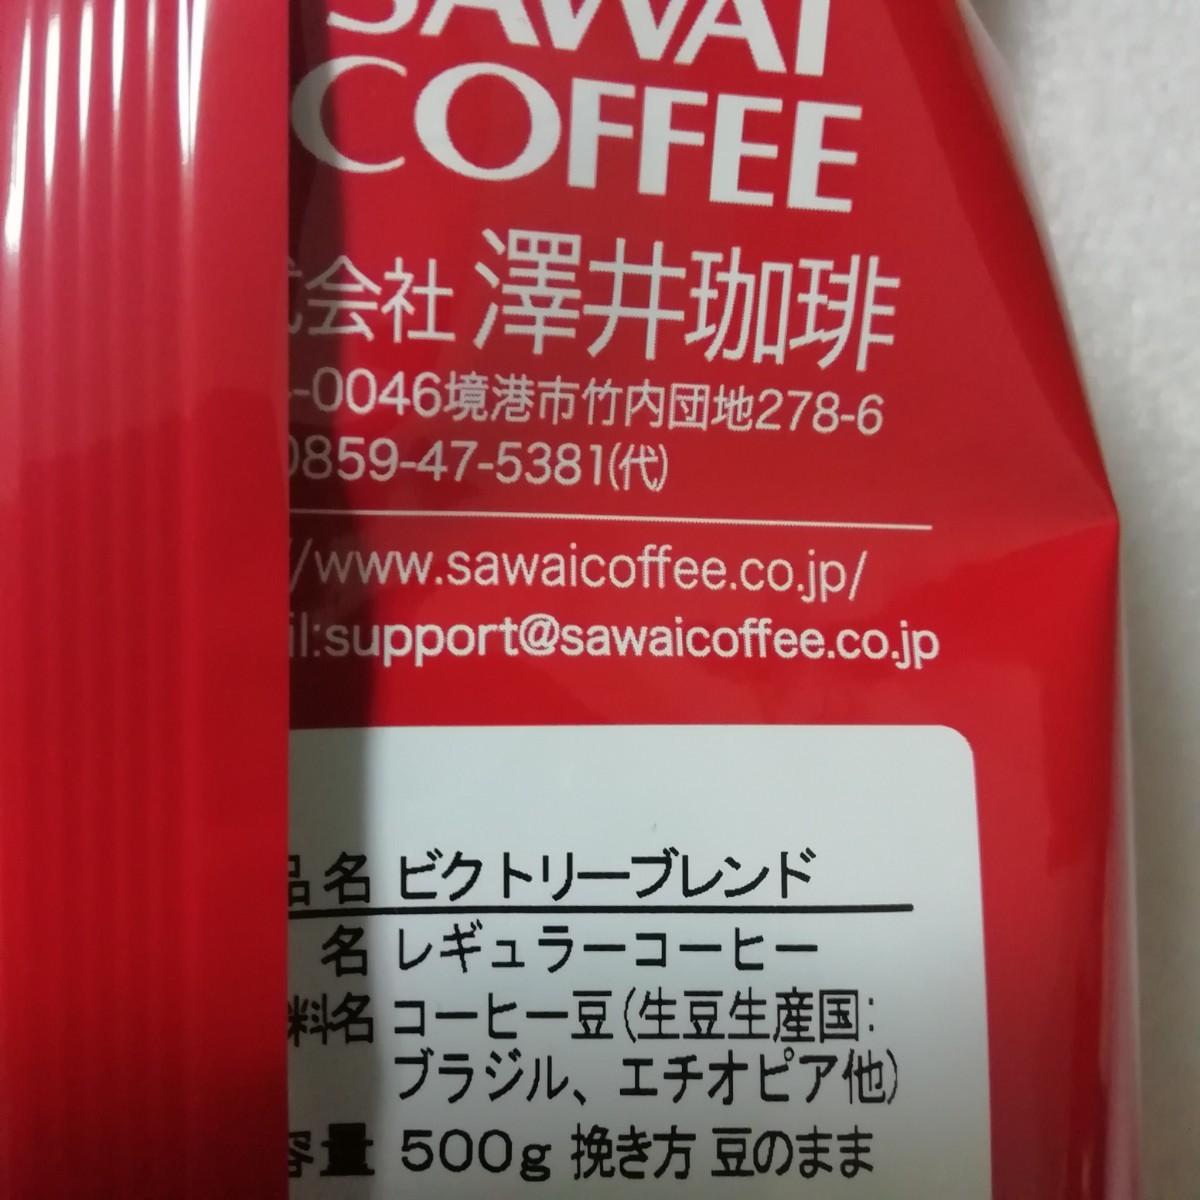 豆の状態 澤井珈琲 ビクトリーブレンド 2袋 1袋500g コーヒー豆 コーヒー 珈琲